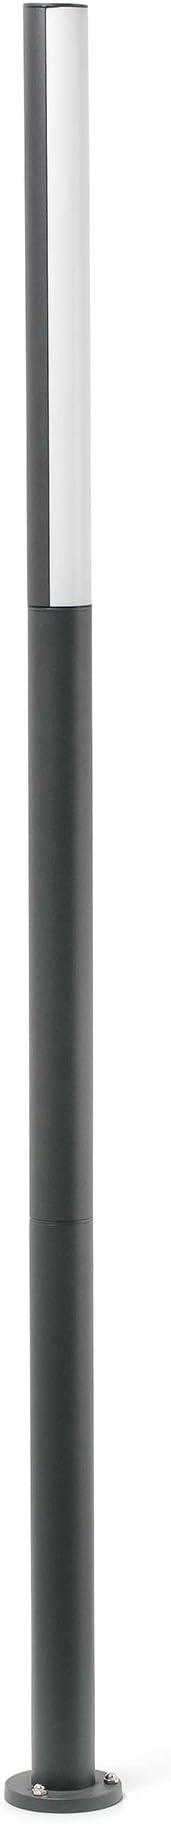 Faro Barcelona 75524 BERET Farola (bombilla incluida) LED, 16W, cuerpo de aluminio y difusor de pmma, color gris